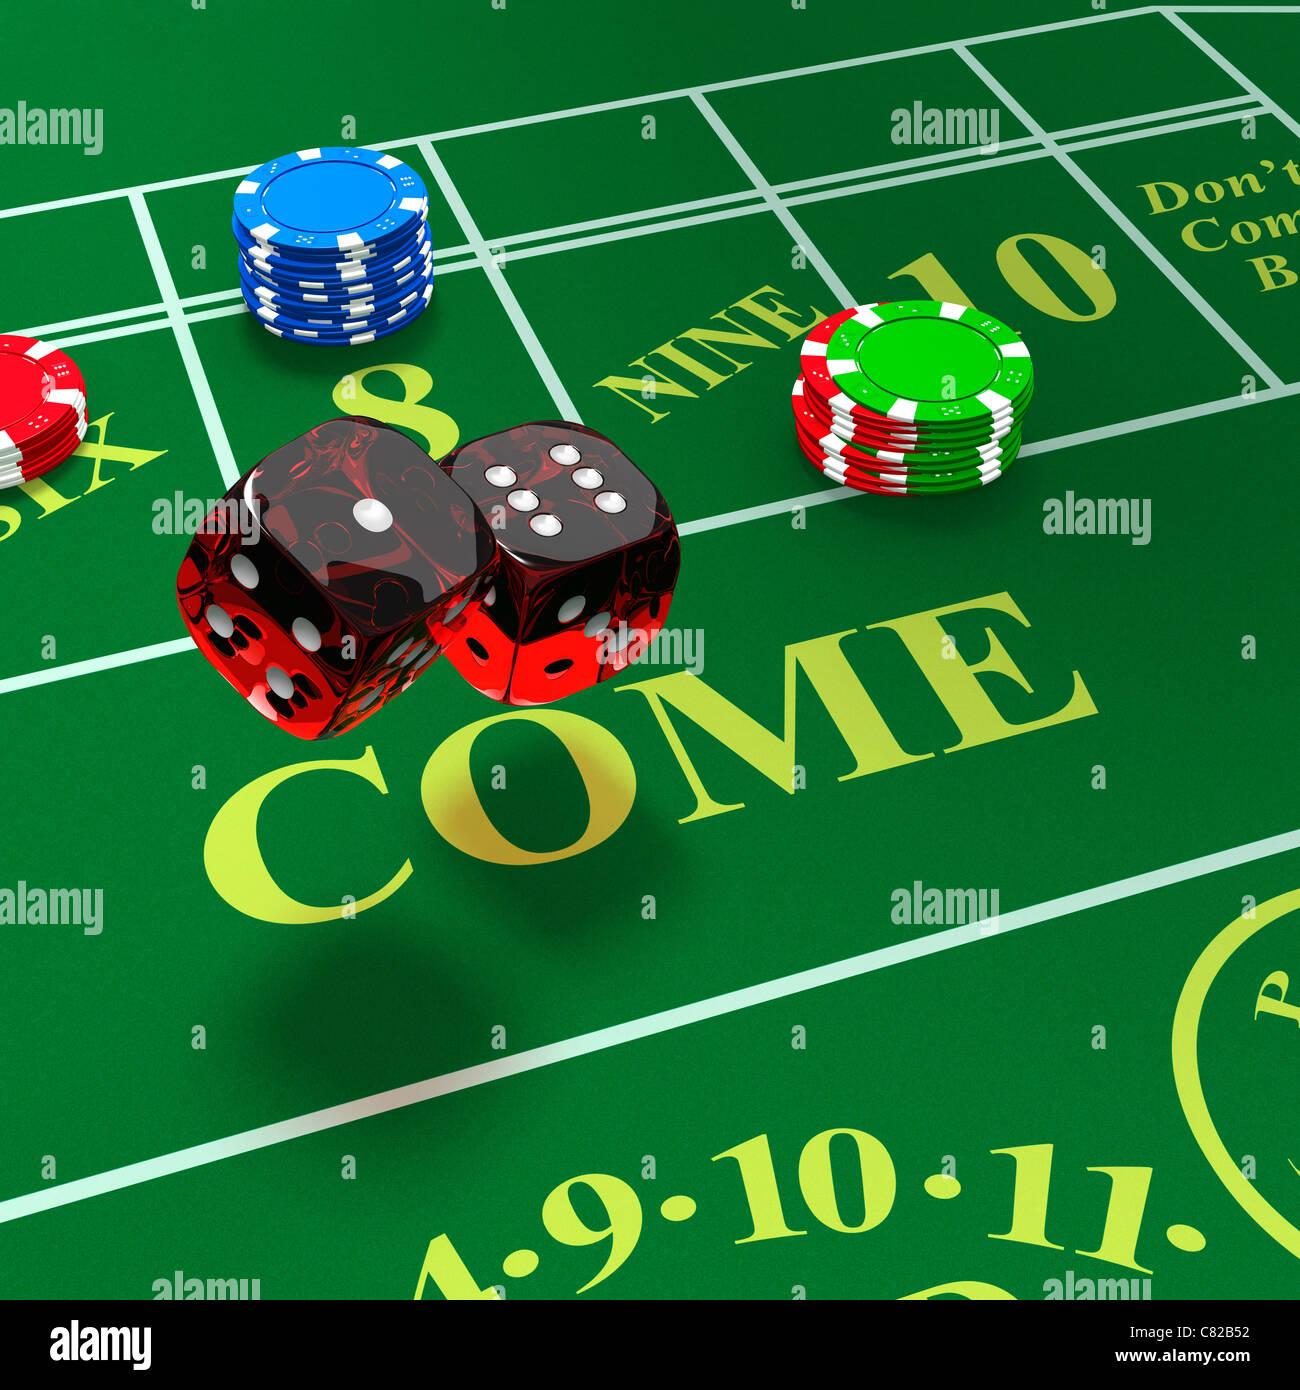 Nbc heads up poker championship wiki